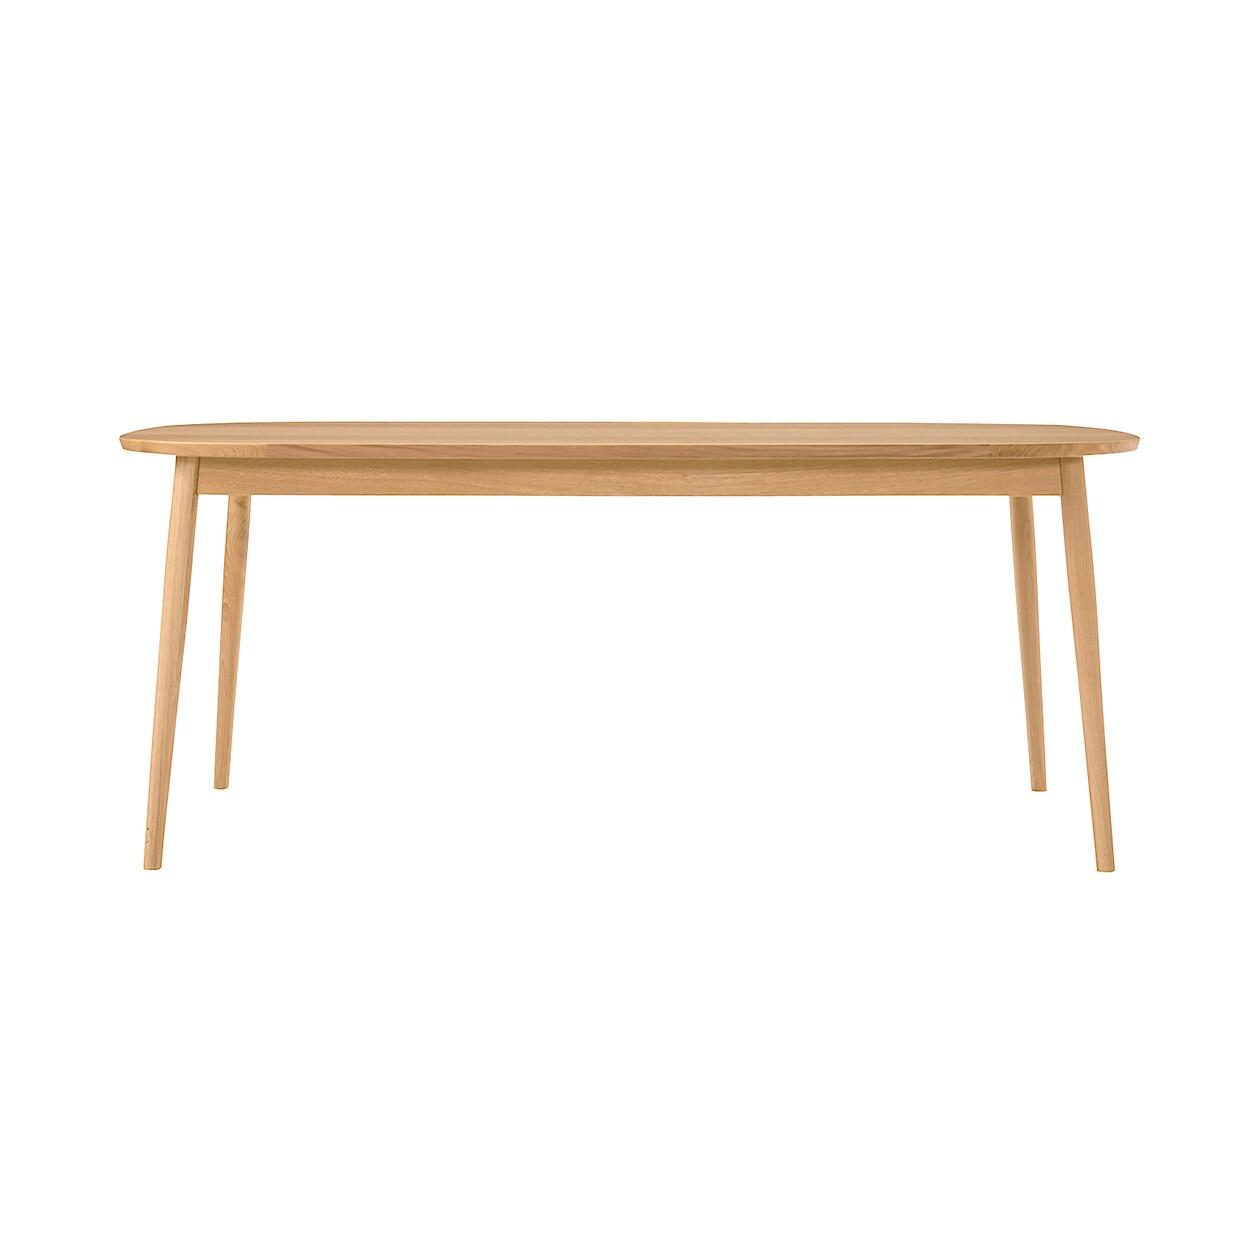 オーク材テーブル・丸脚・幅180cm